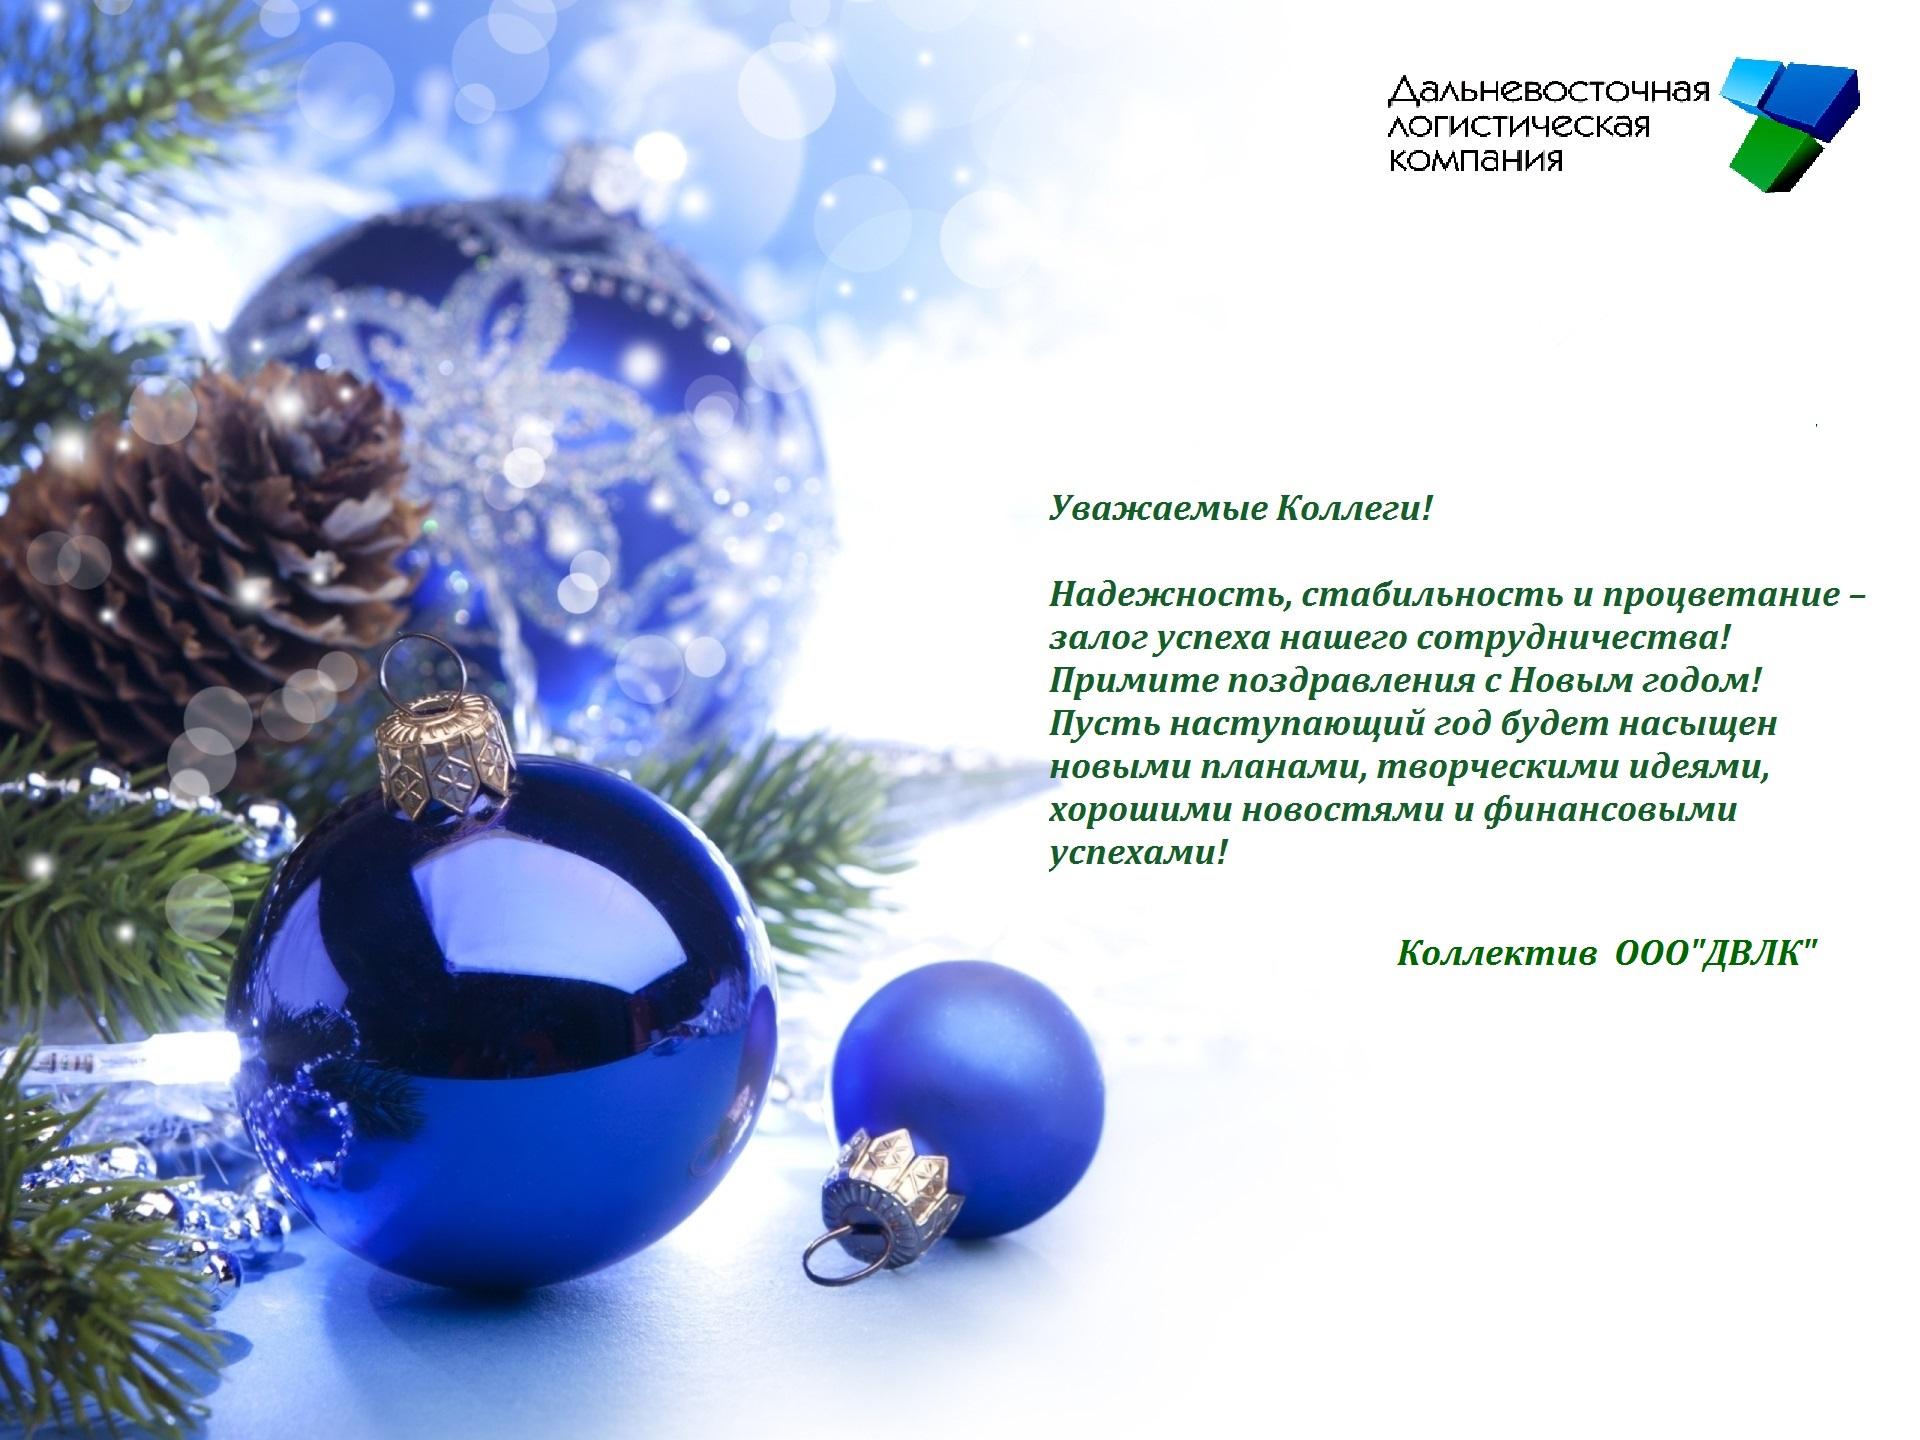 oboik_ru_11847